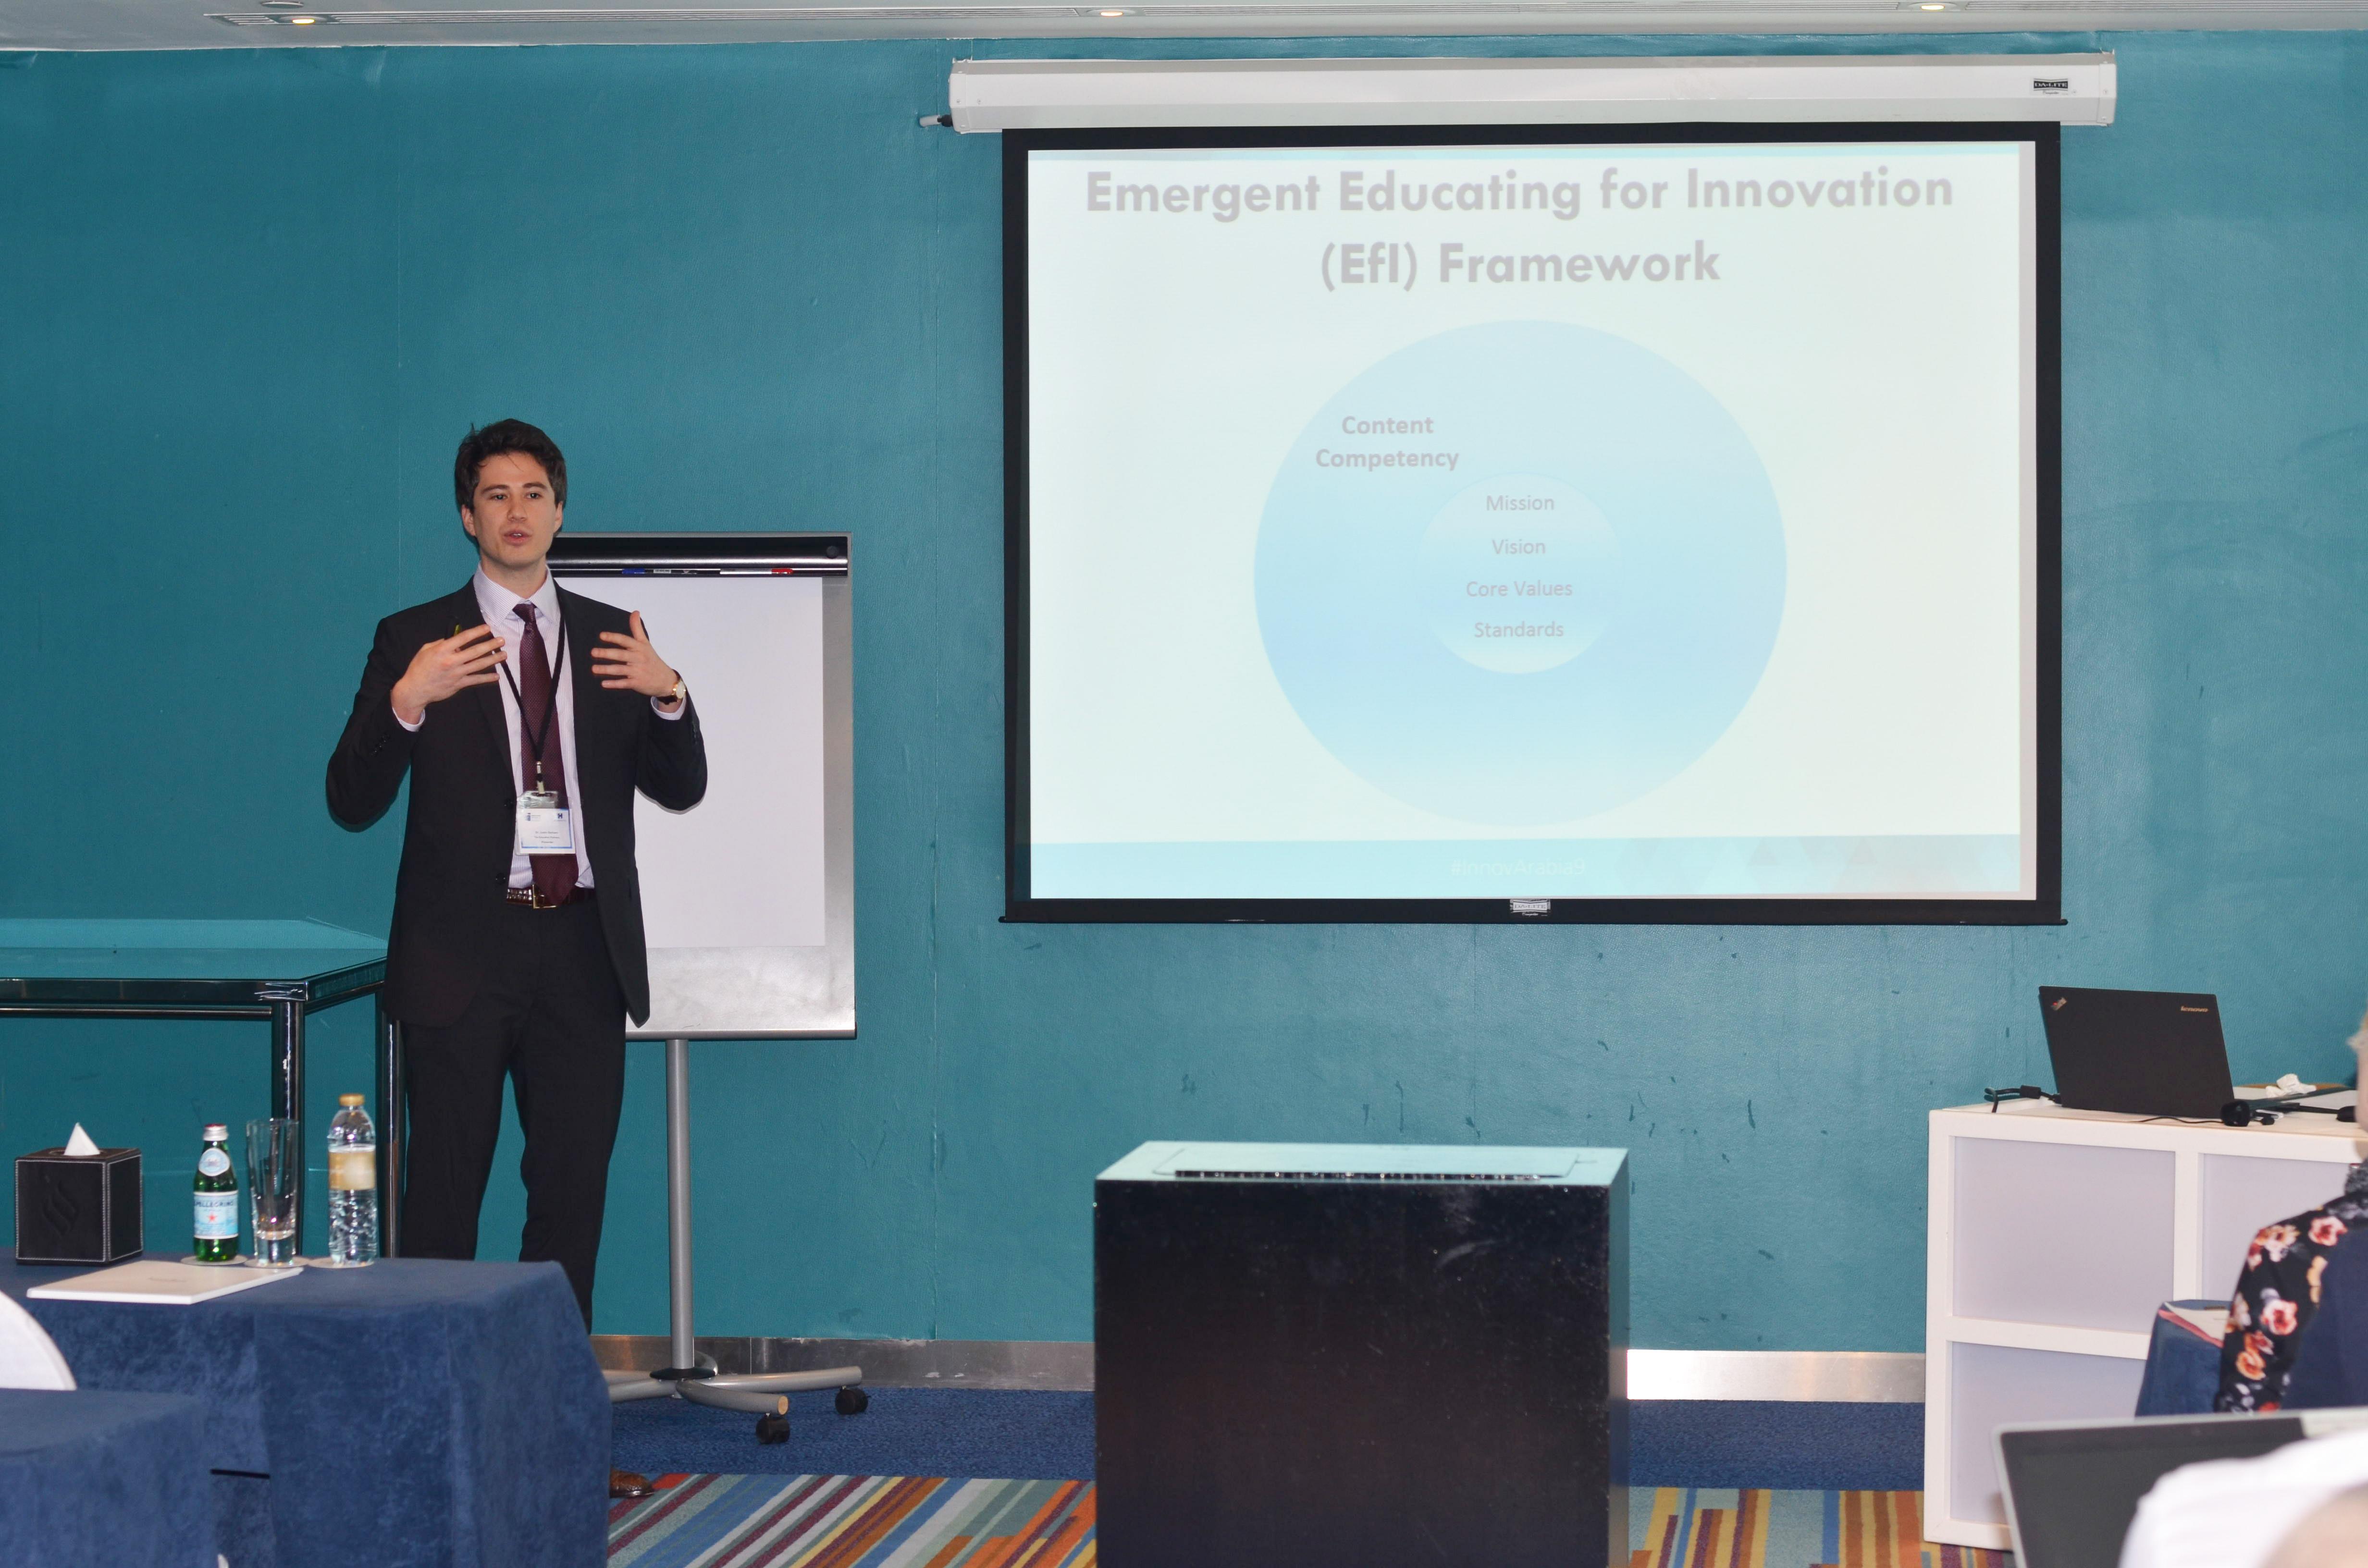 Justin_Barbaro_Innovation_9_Conference.jpg